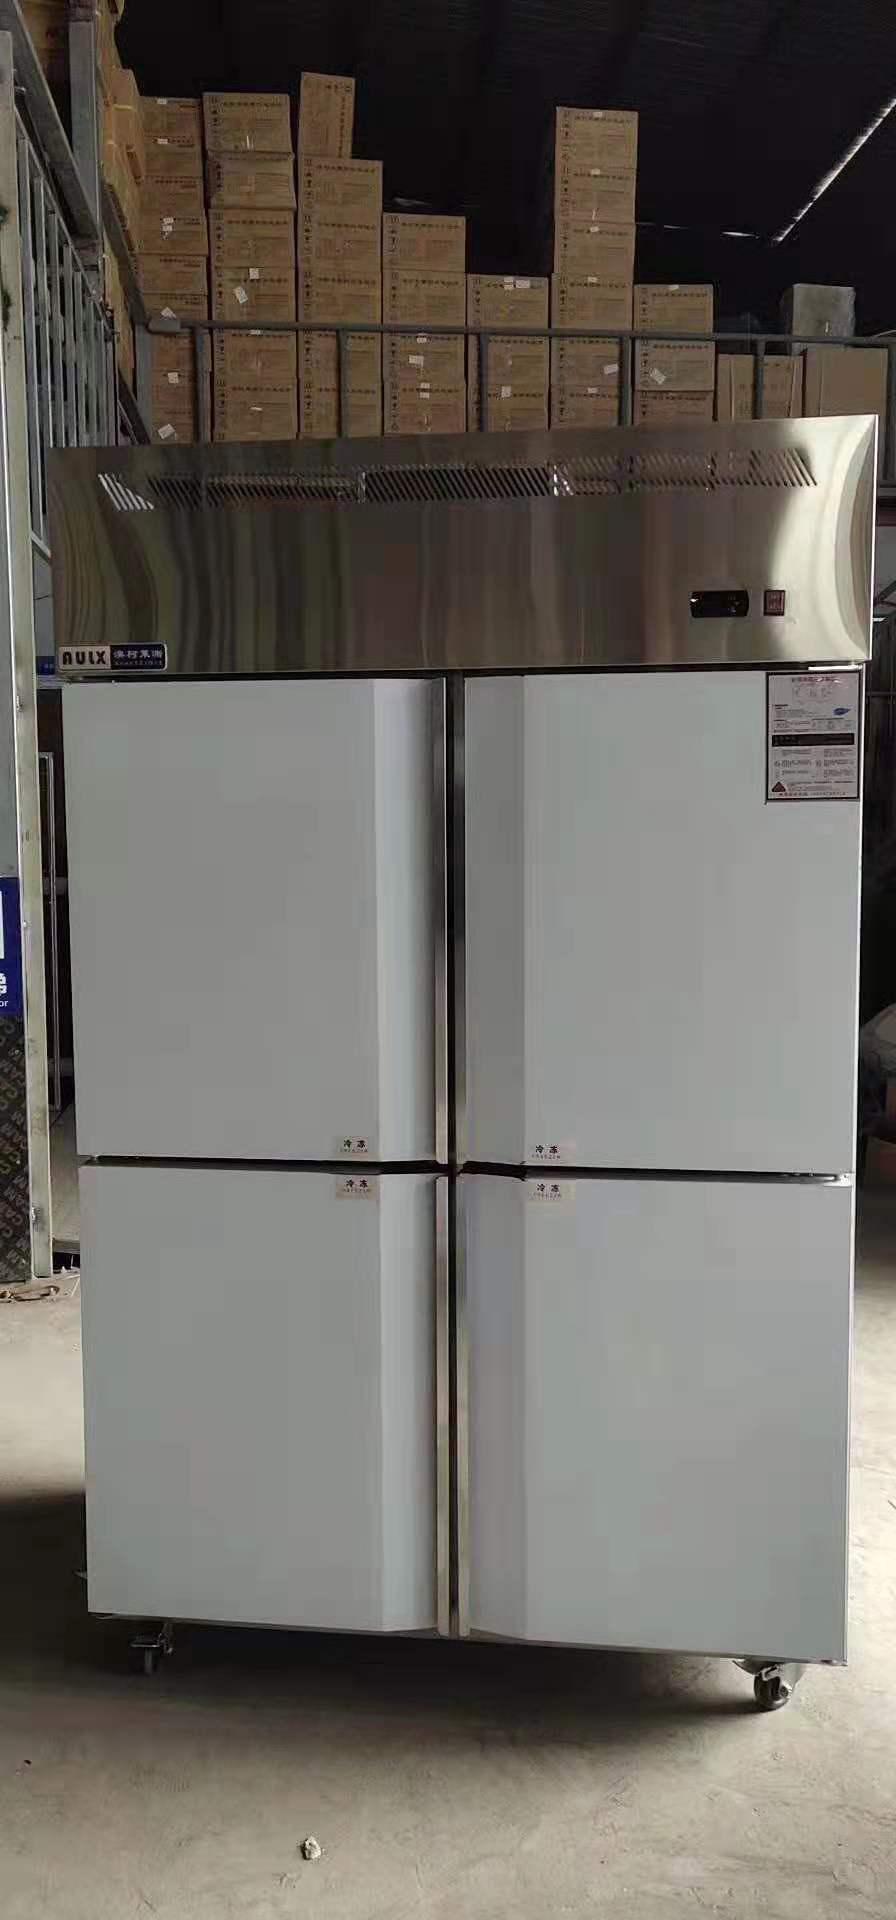 速冻柜 冰箱 速冻冰箱 冰箱速冻柜 冷柜